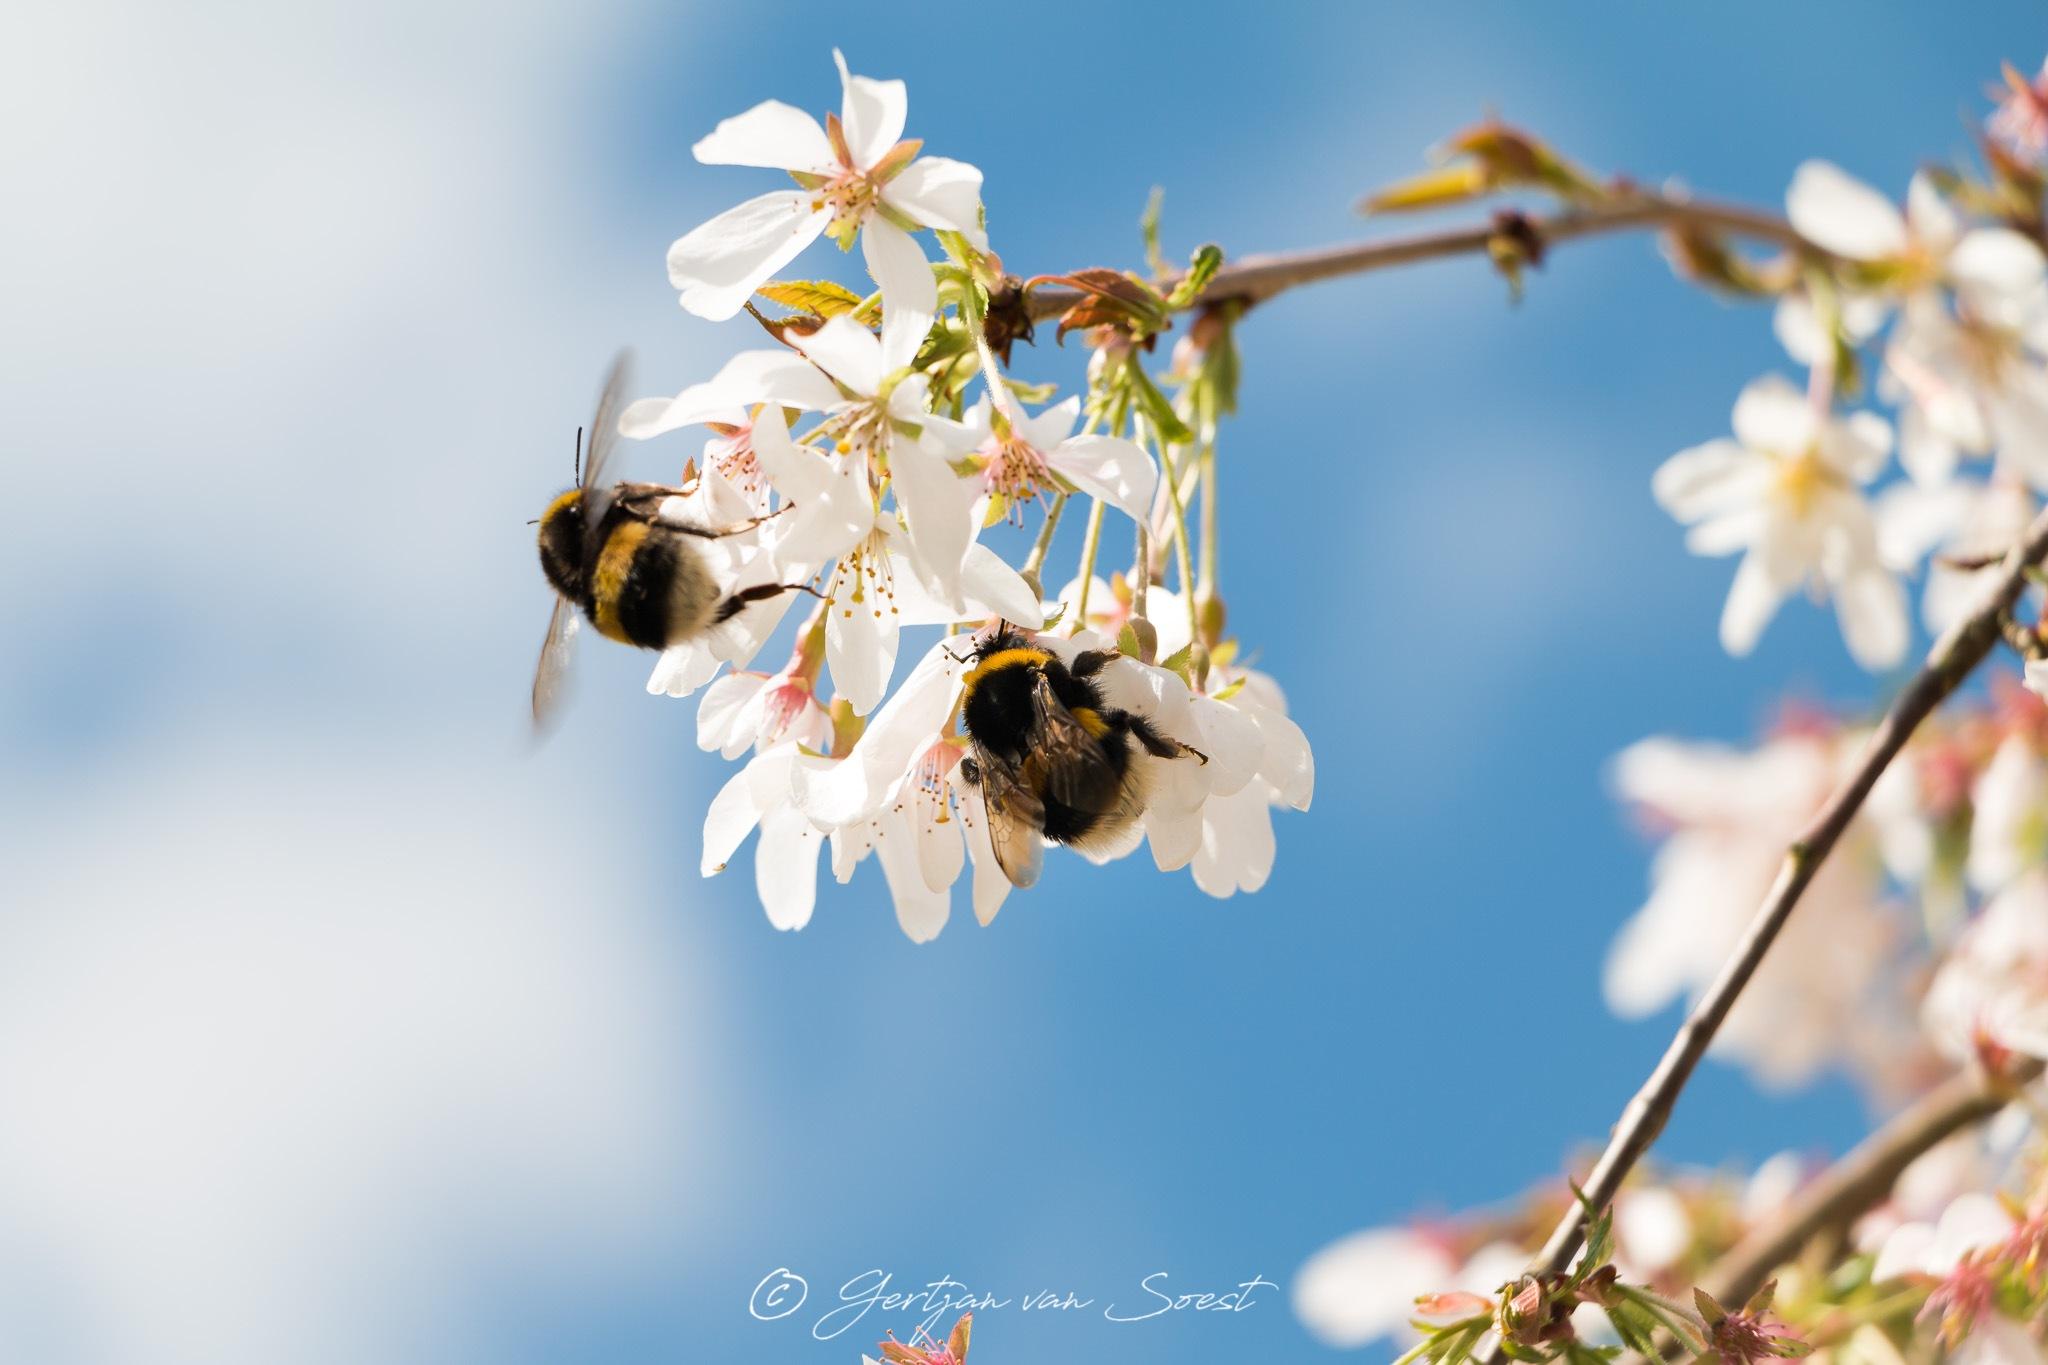 Springtime with bumblebees by Gertjan van Soest